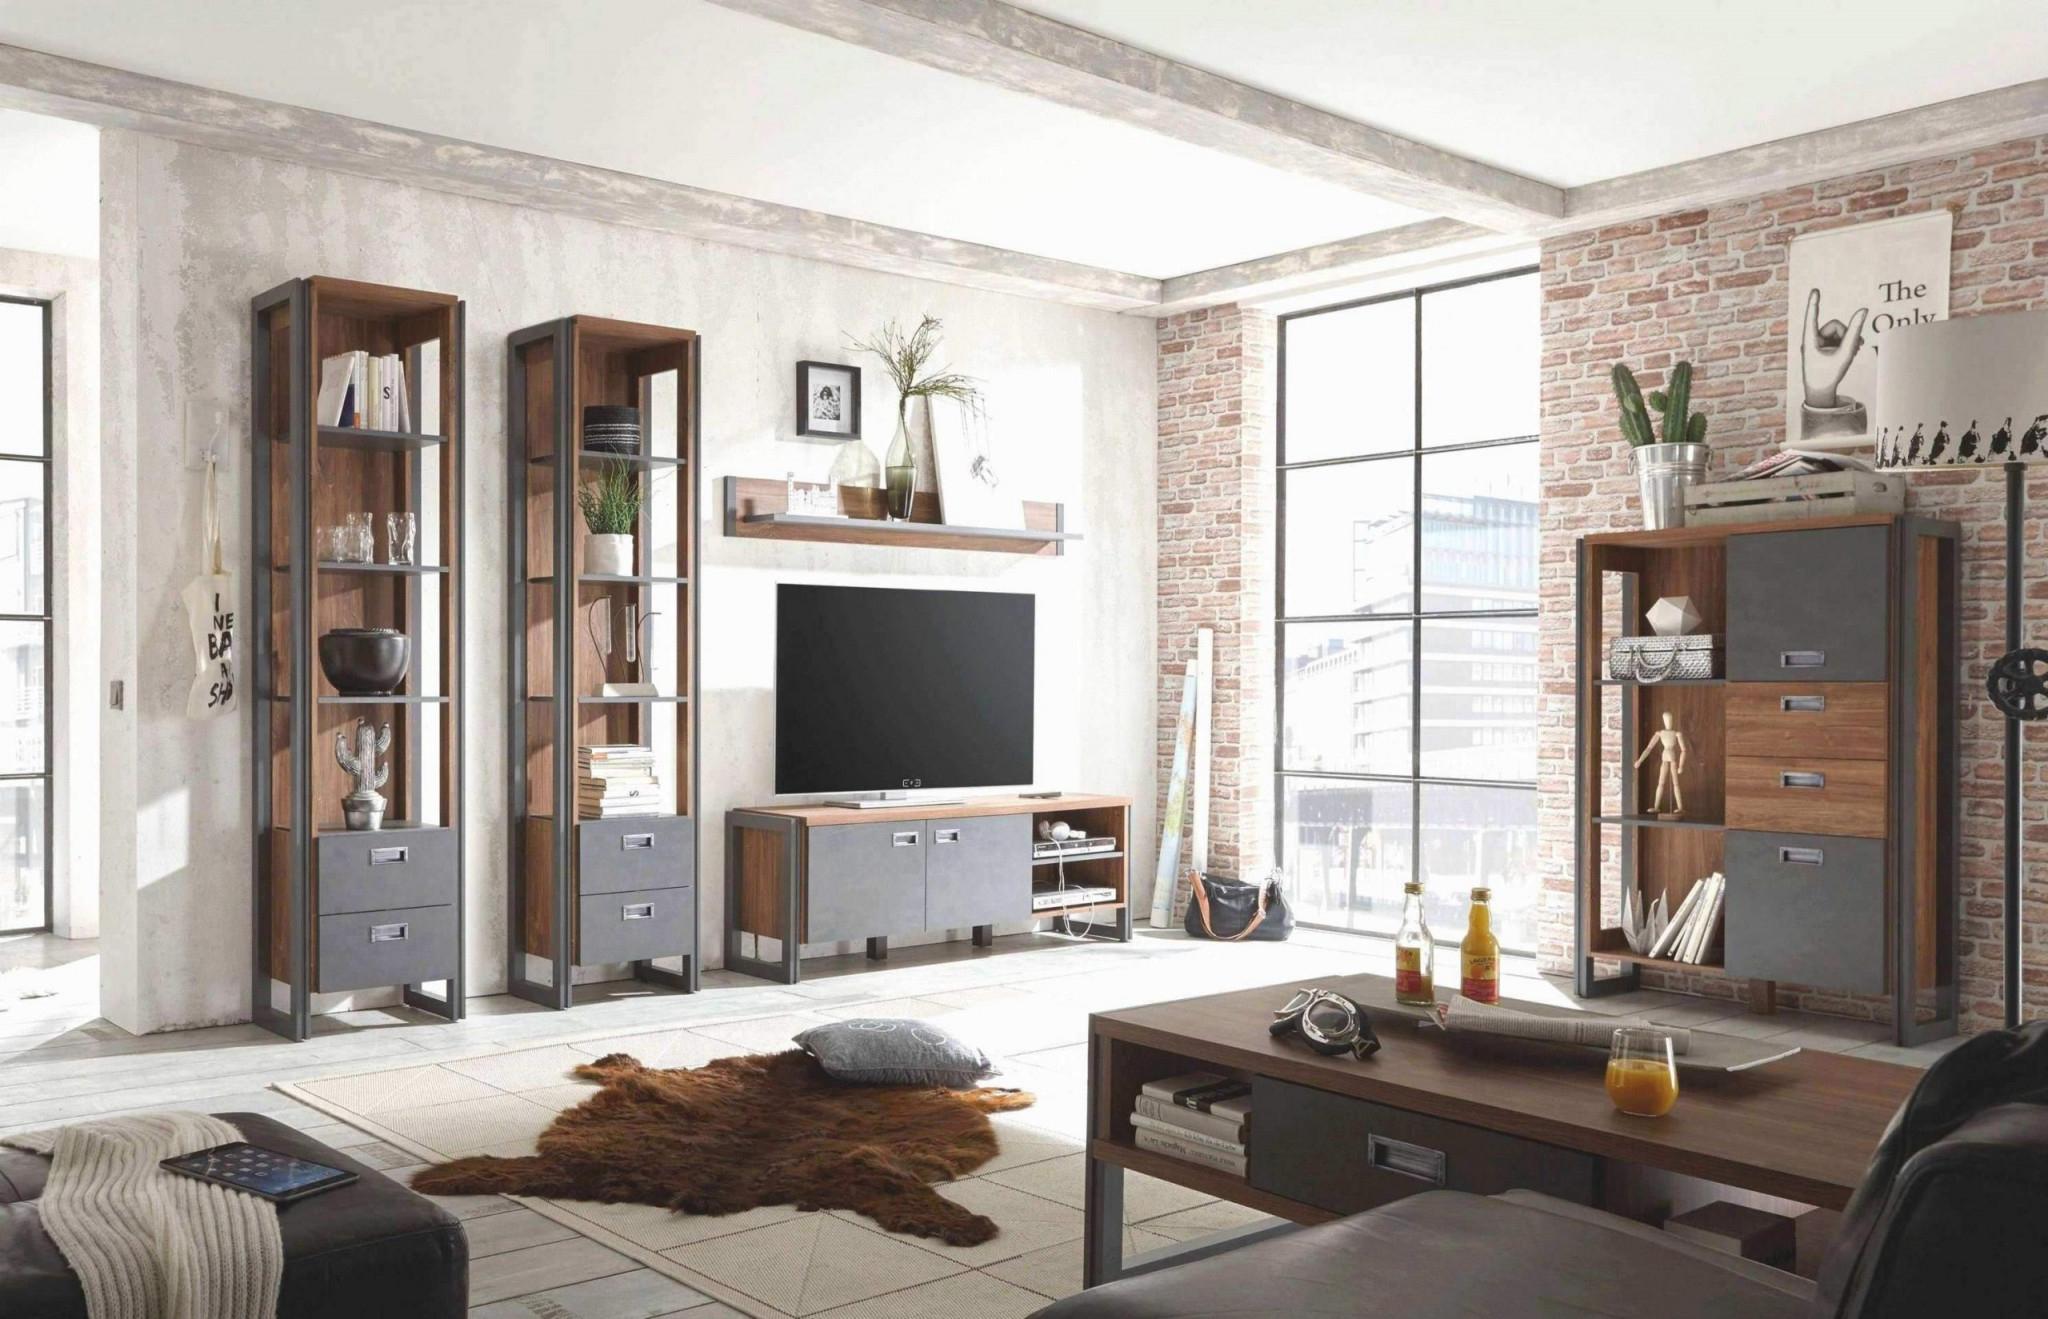 33 Reizend 16 Qm Wohnzimmer Einrichten Genial  Wohnzimmer von Wohnzimmer Stilvoll Einrichten Bild